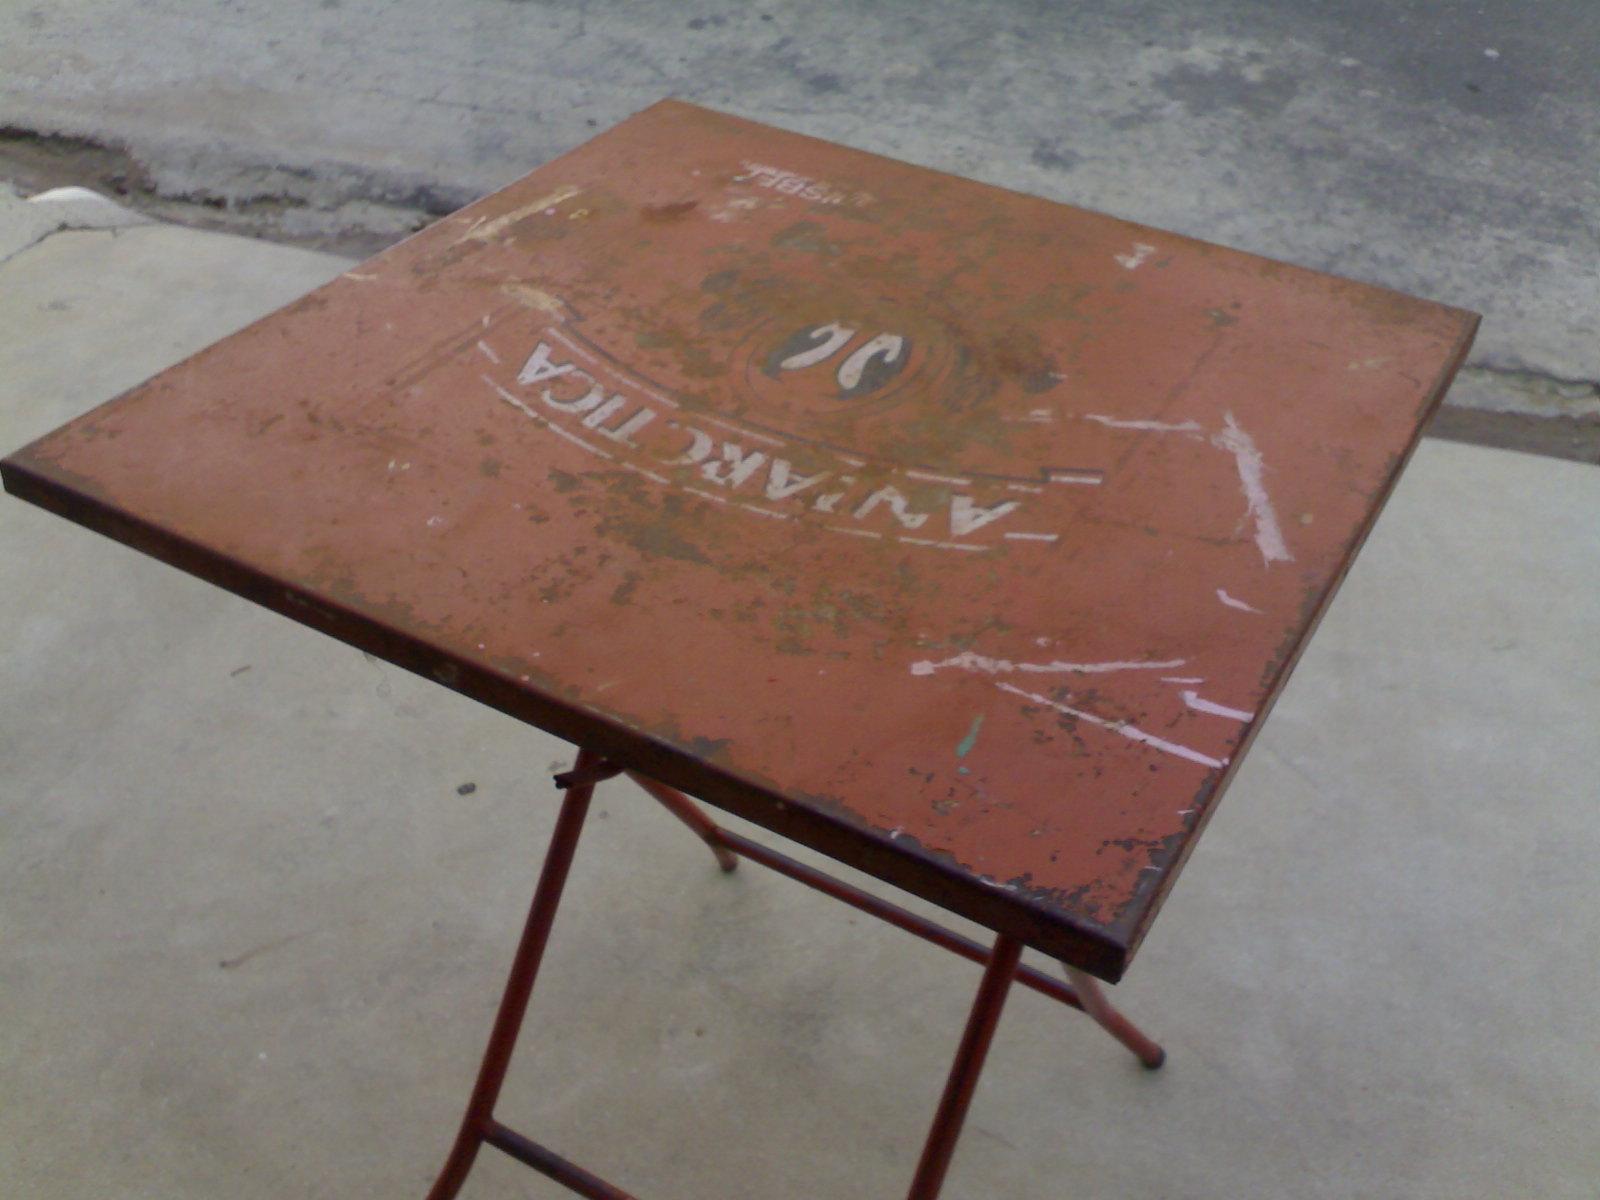 maridão que está de ferias lixou a mesa e lavou para tirar o pó #7A4D41 1600x1200